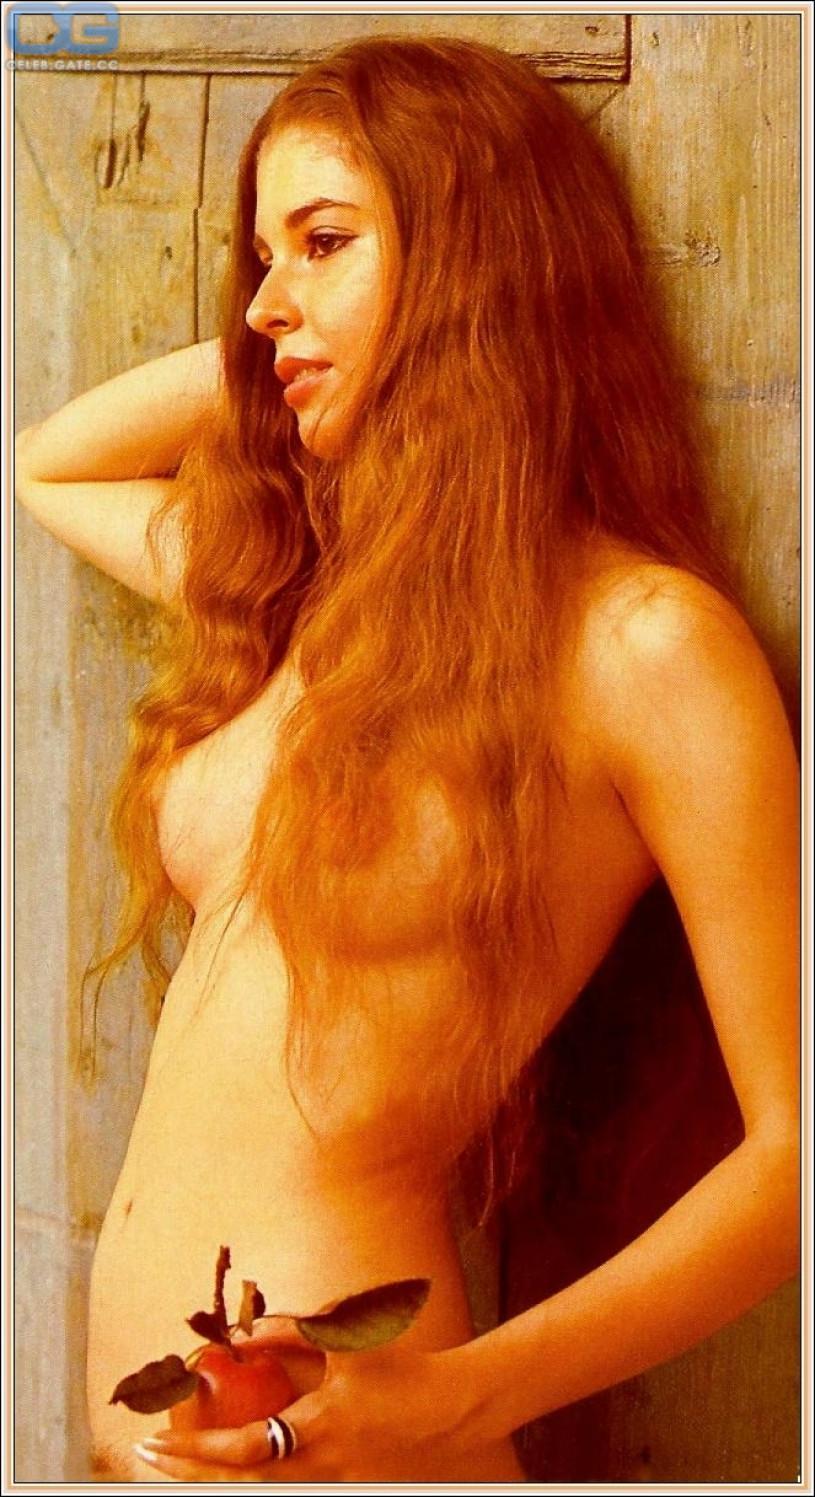 Olivia pascal nude